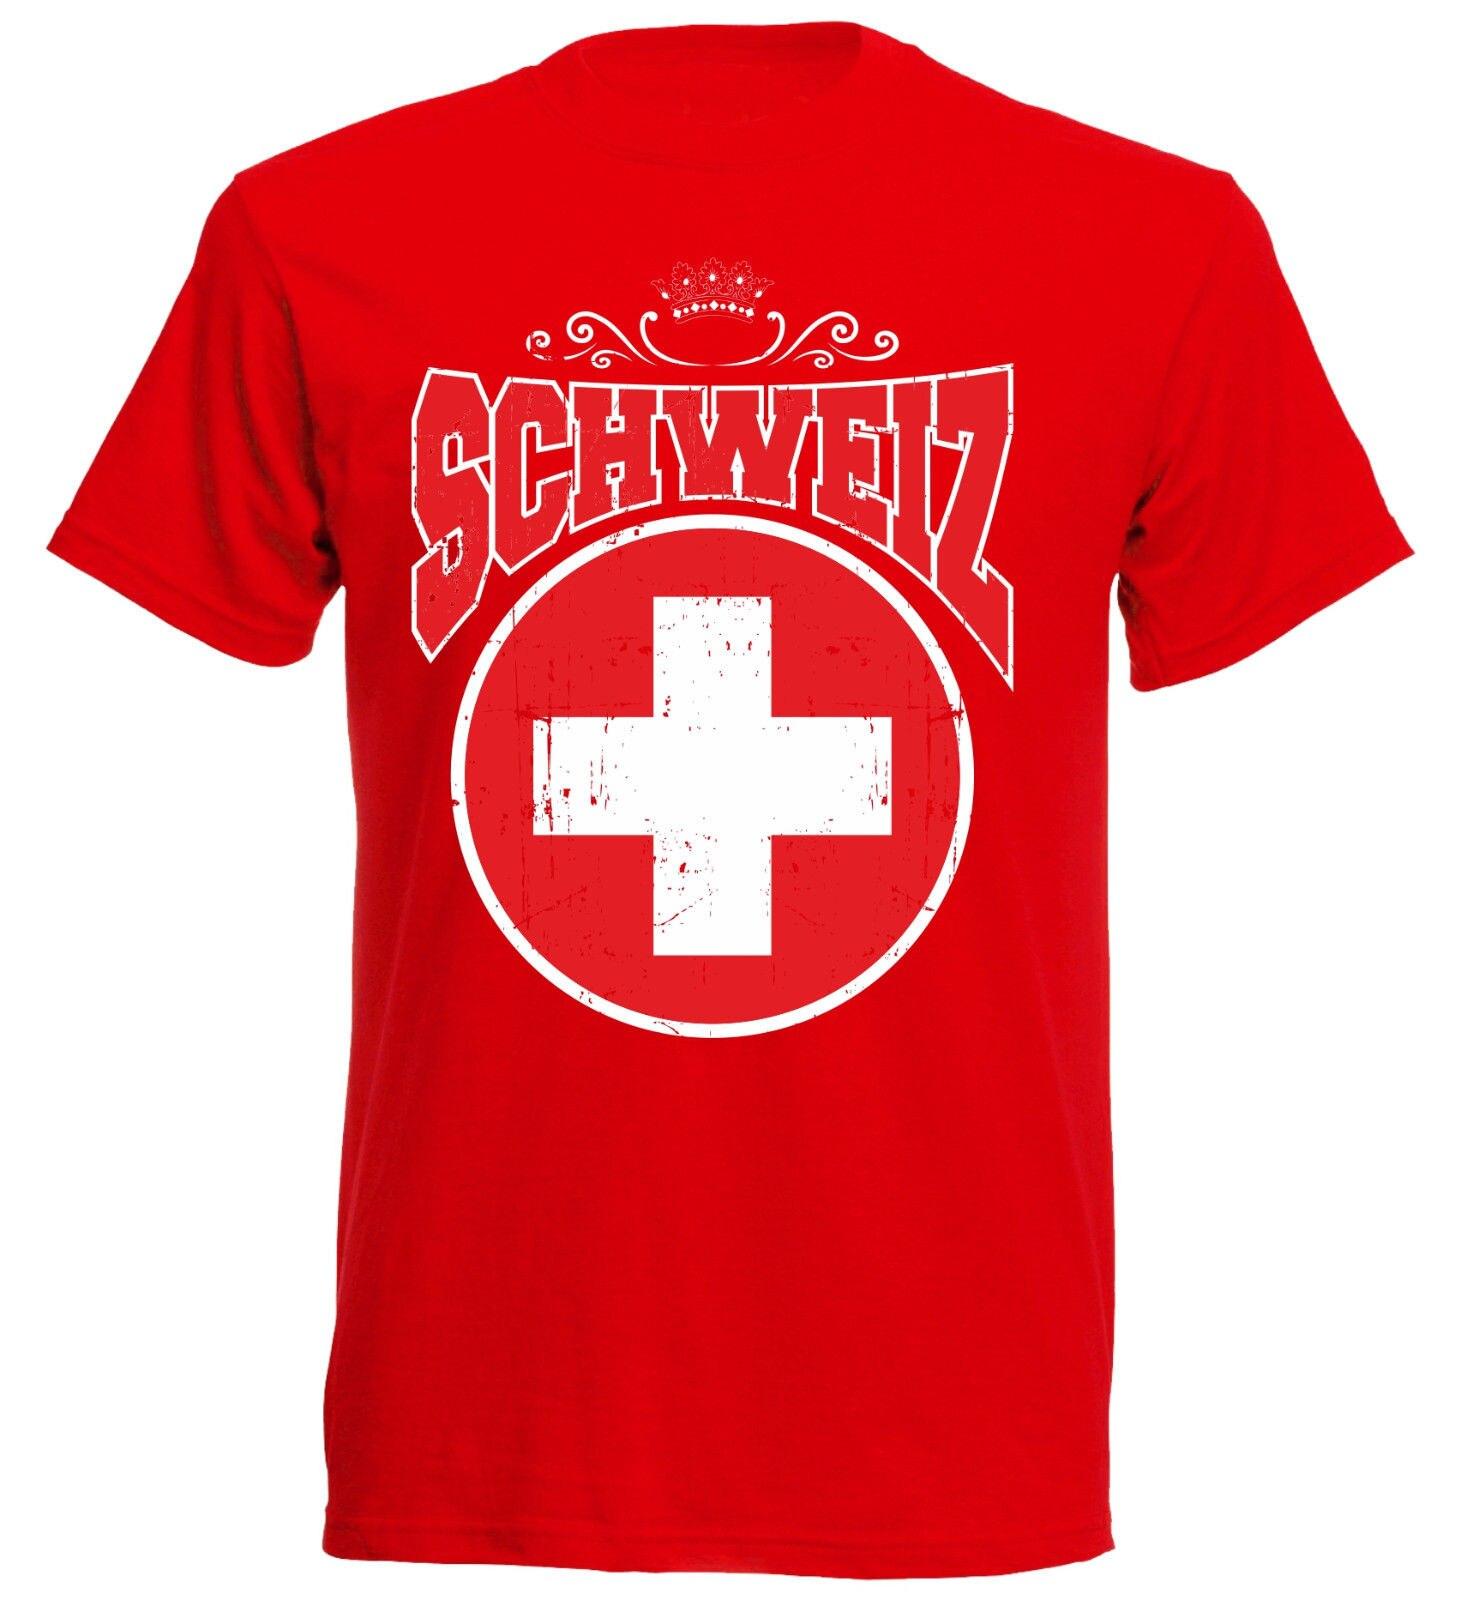 T-Shirt Men 2019 New Print Men T Shirt Summer T-Shirt Schweiz Switzerland Men'S Footballer Fashion Classicfree T Shirts